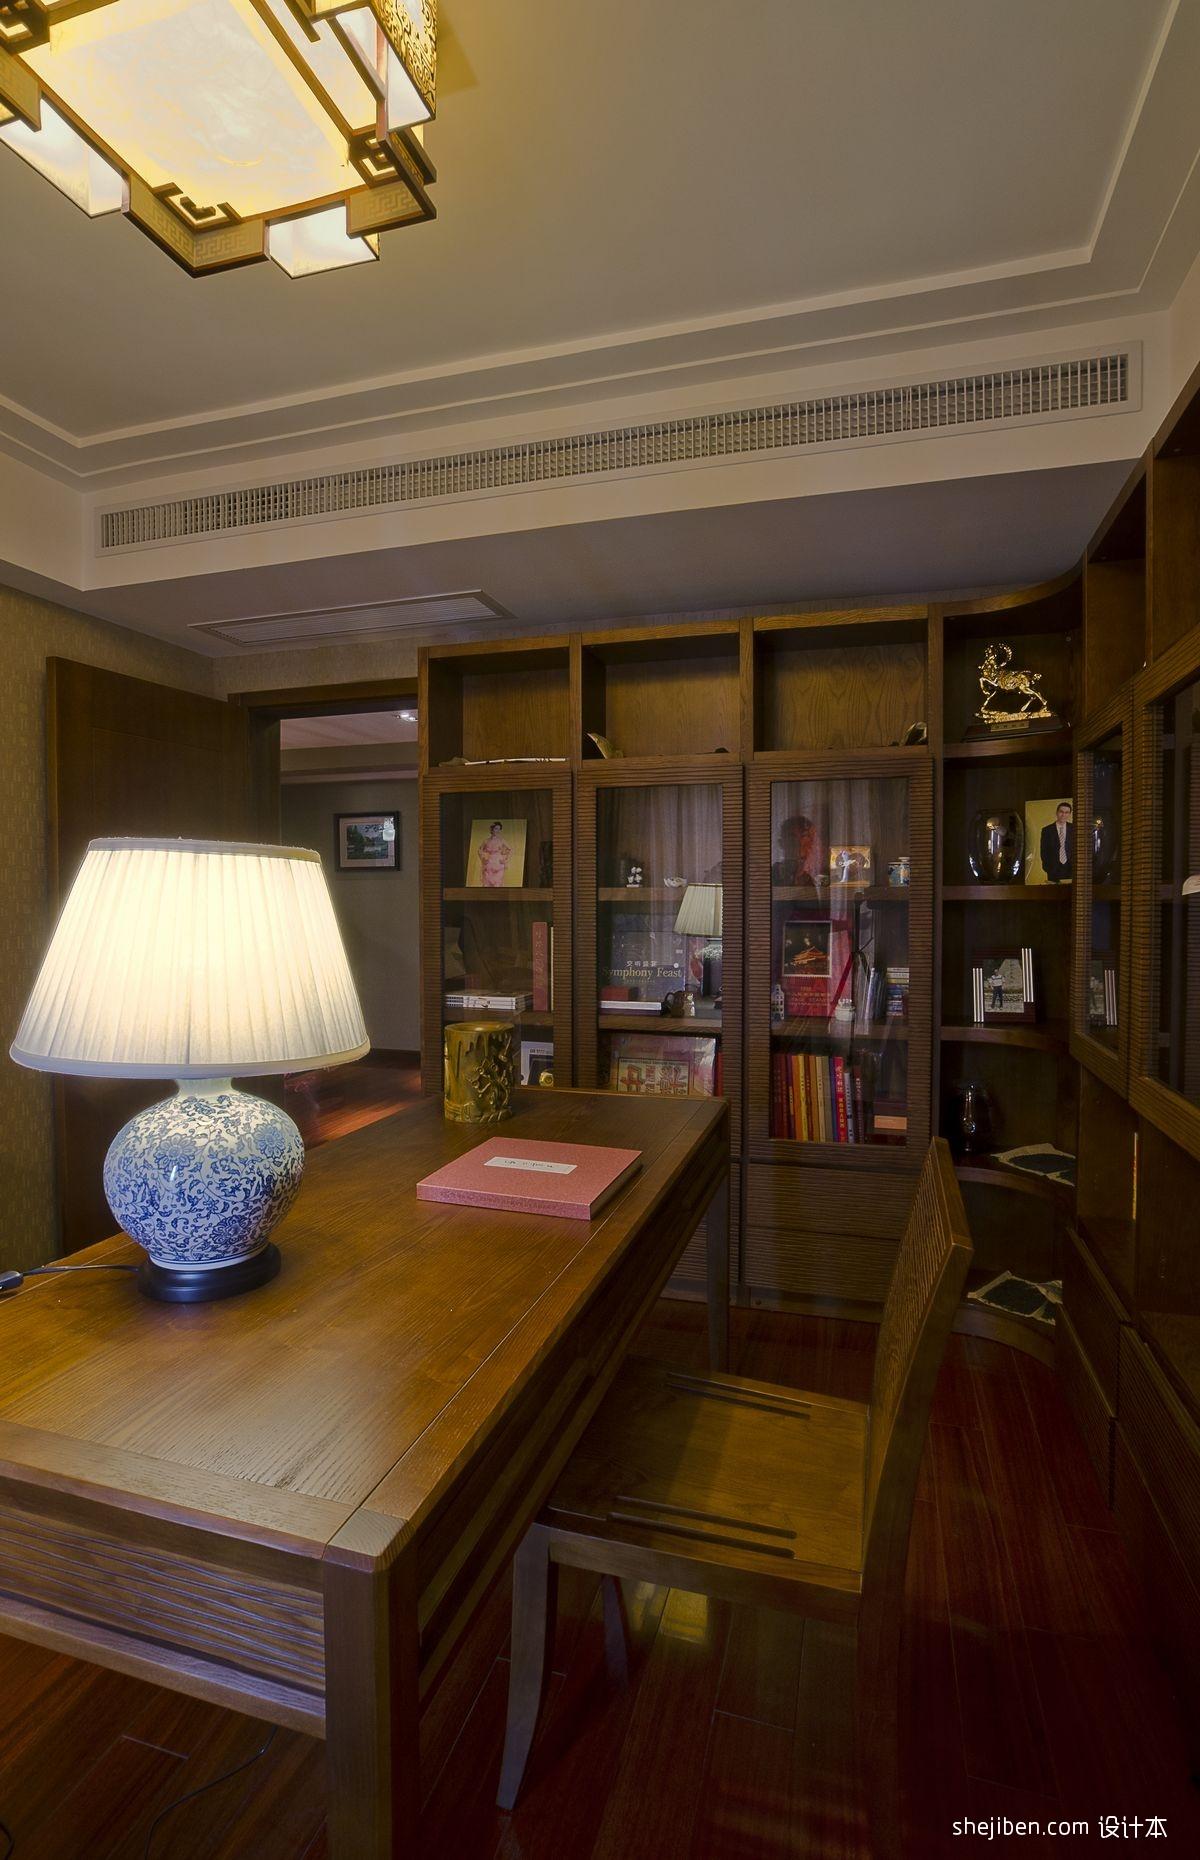 中式风格复式家装书房书架椅子书桌壁纸吊灯台灯装修效果图 高清图片